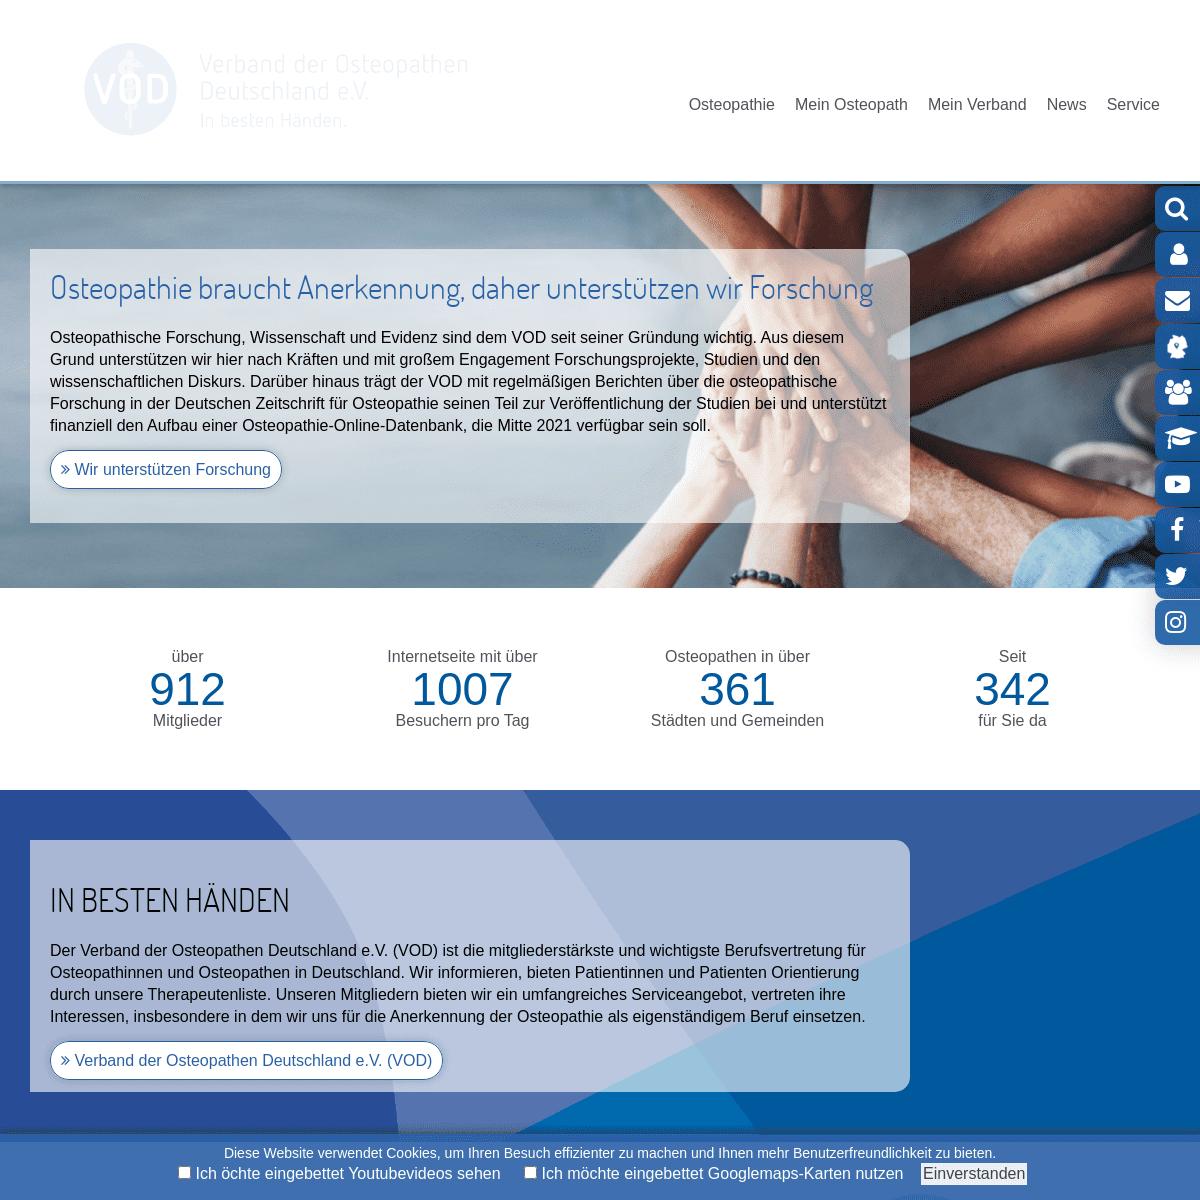 Willkommen - Verband der Osteopathen Deutschland e.V. (VOD e.V.)